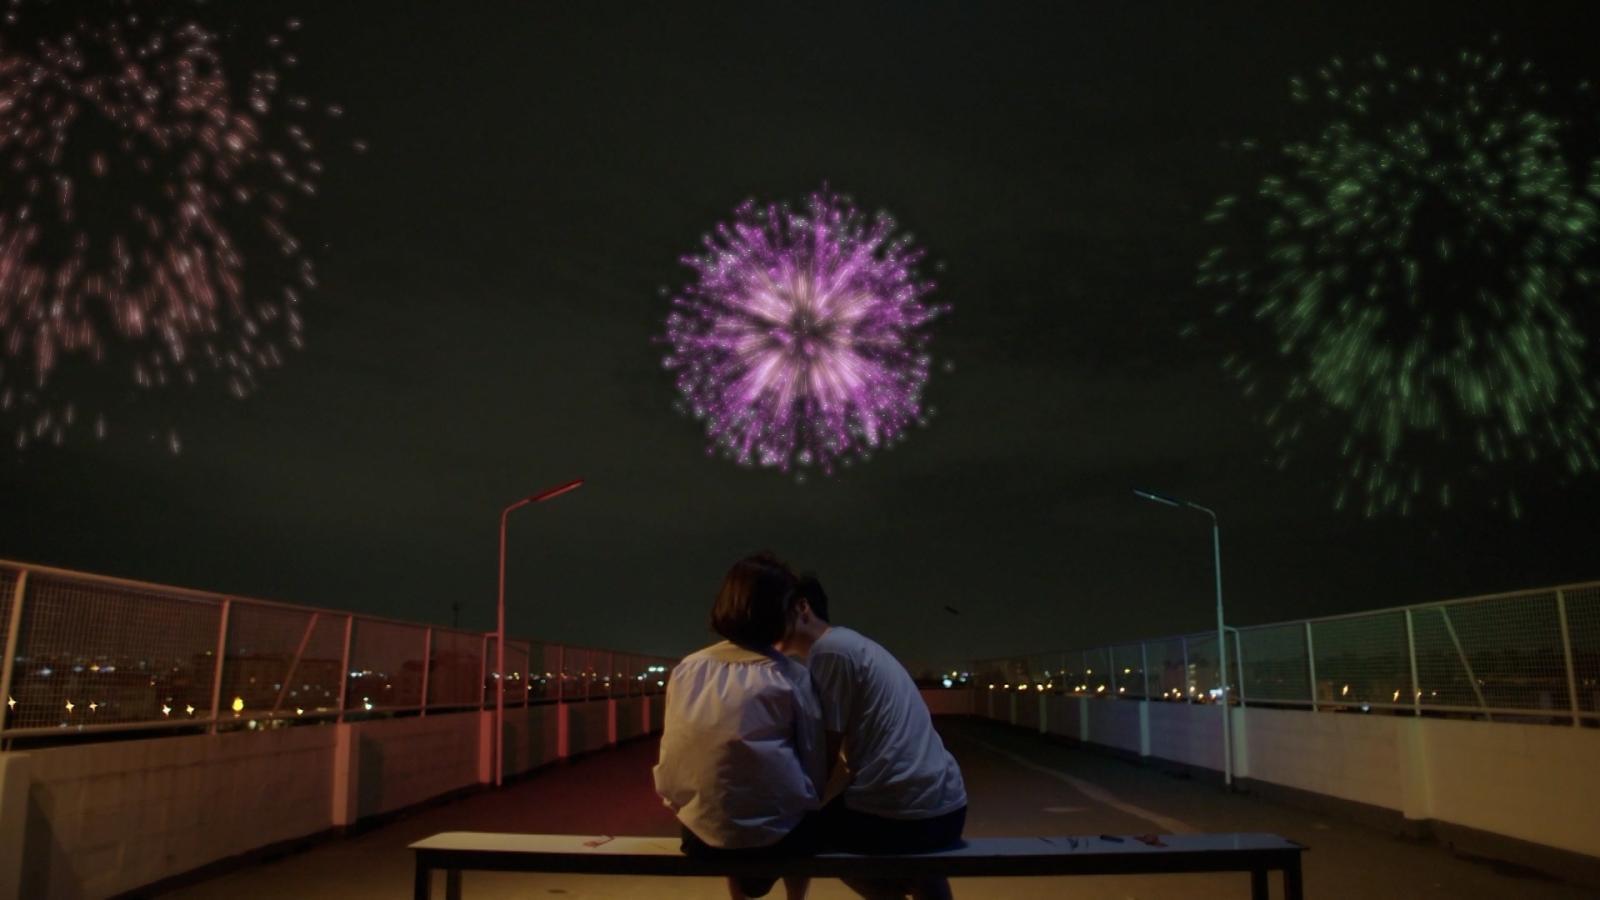 กาลครั้งหนึ่งรักของเรา EP.7 | ฟินสุด | จูบวัดใจบนดาดฟ้า | PPTV HD 36